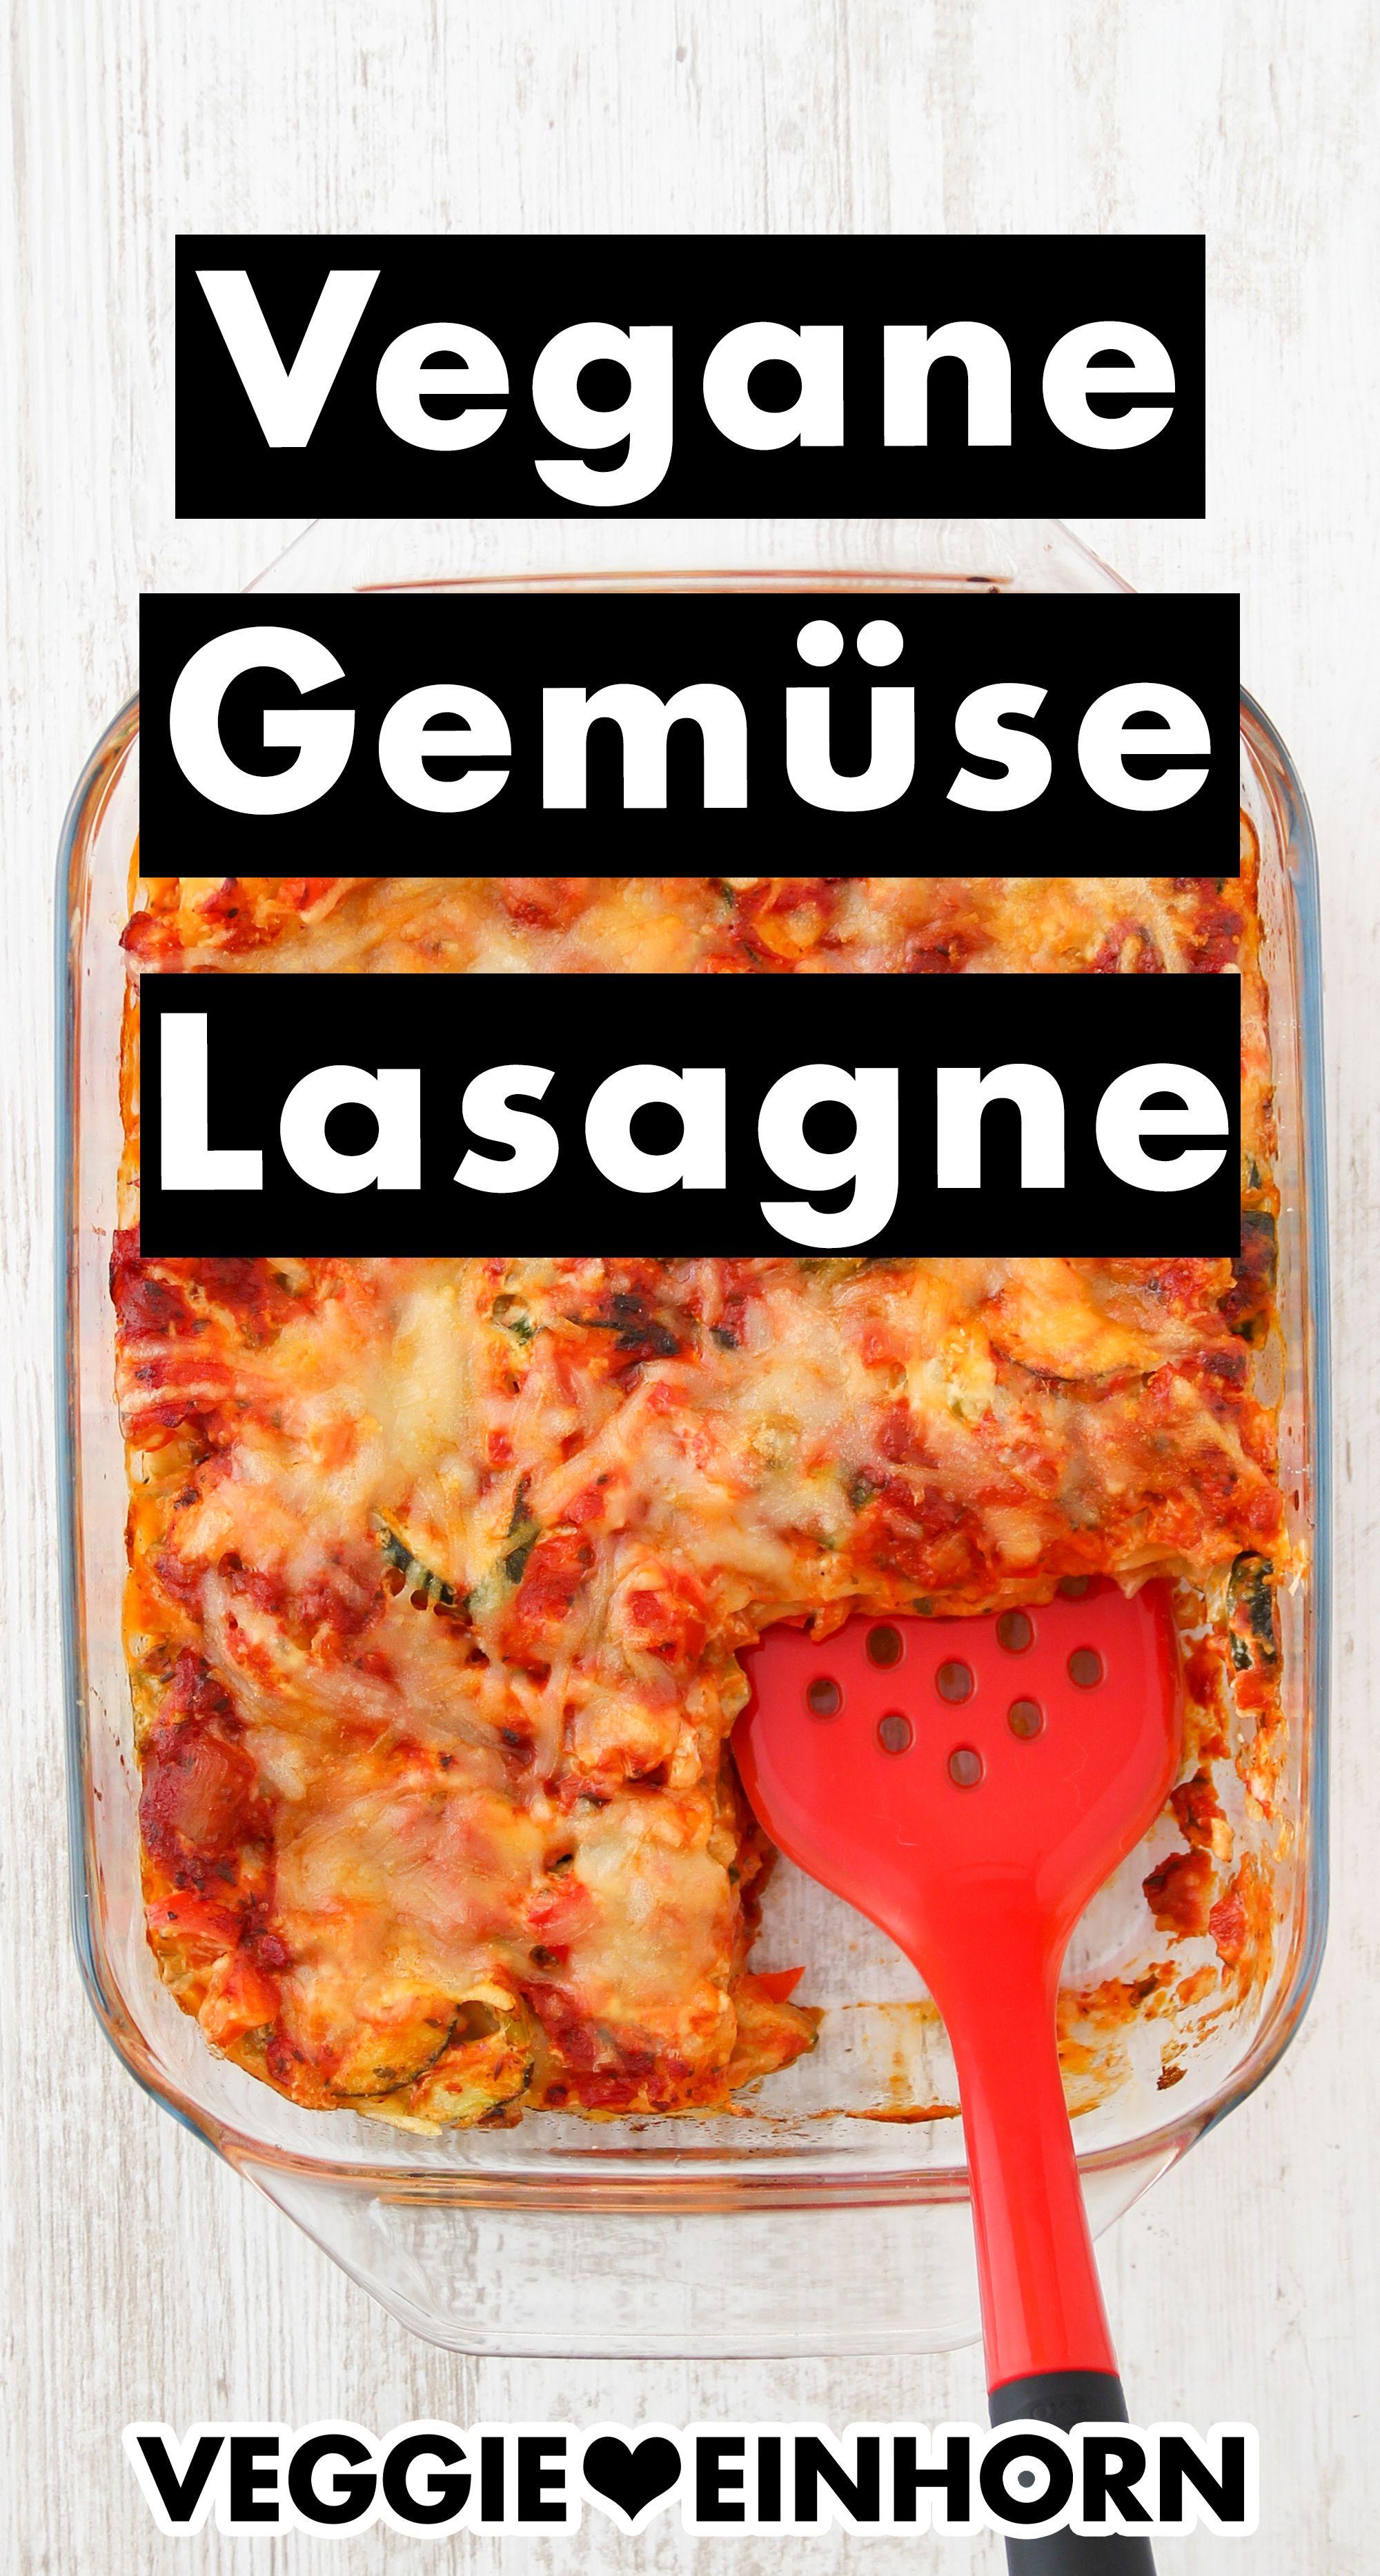 Vegane Gemüse Lasagne | Leckere Gemüselasagne mit veganer Creme fraiche und veganem Käse